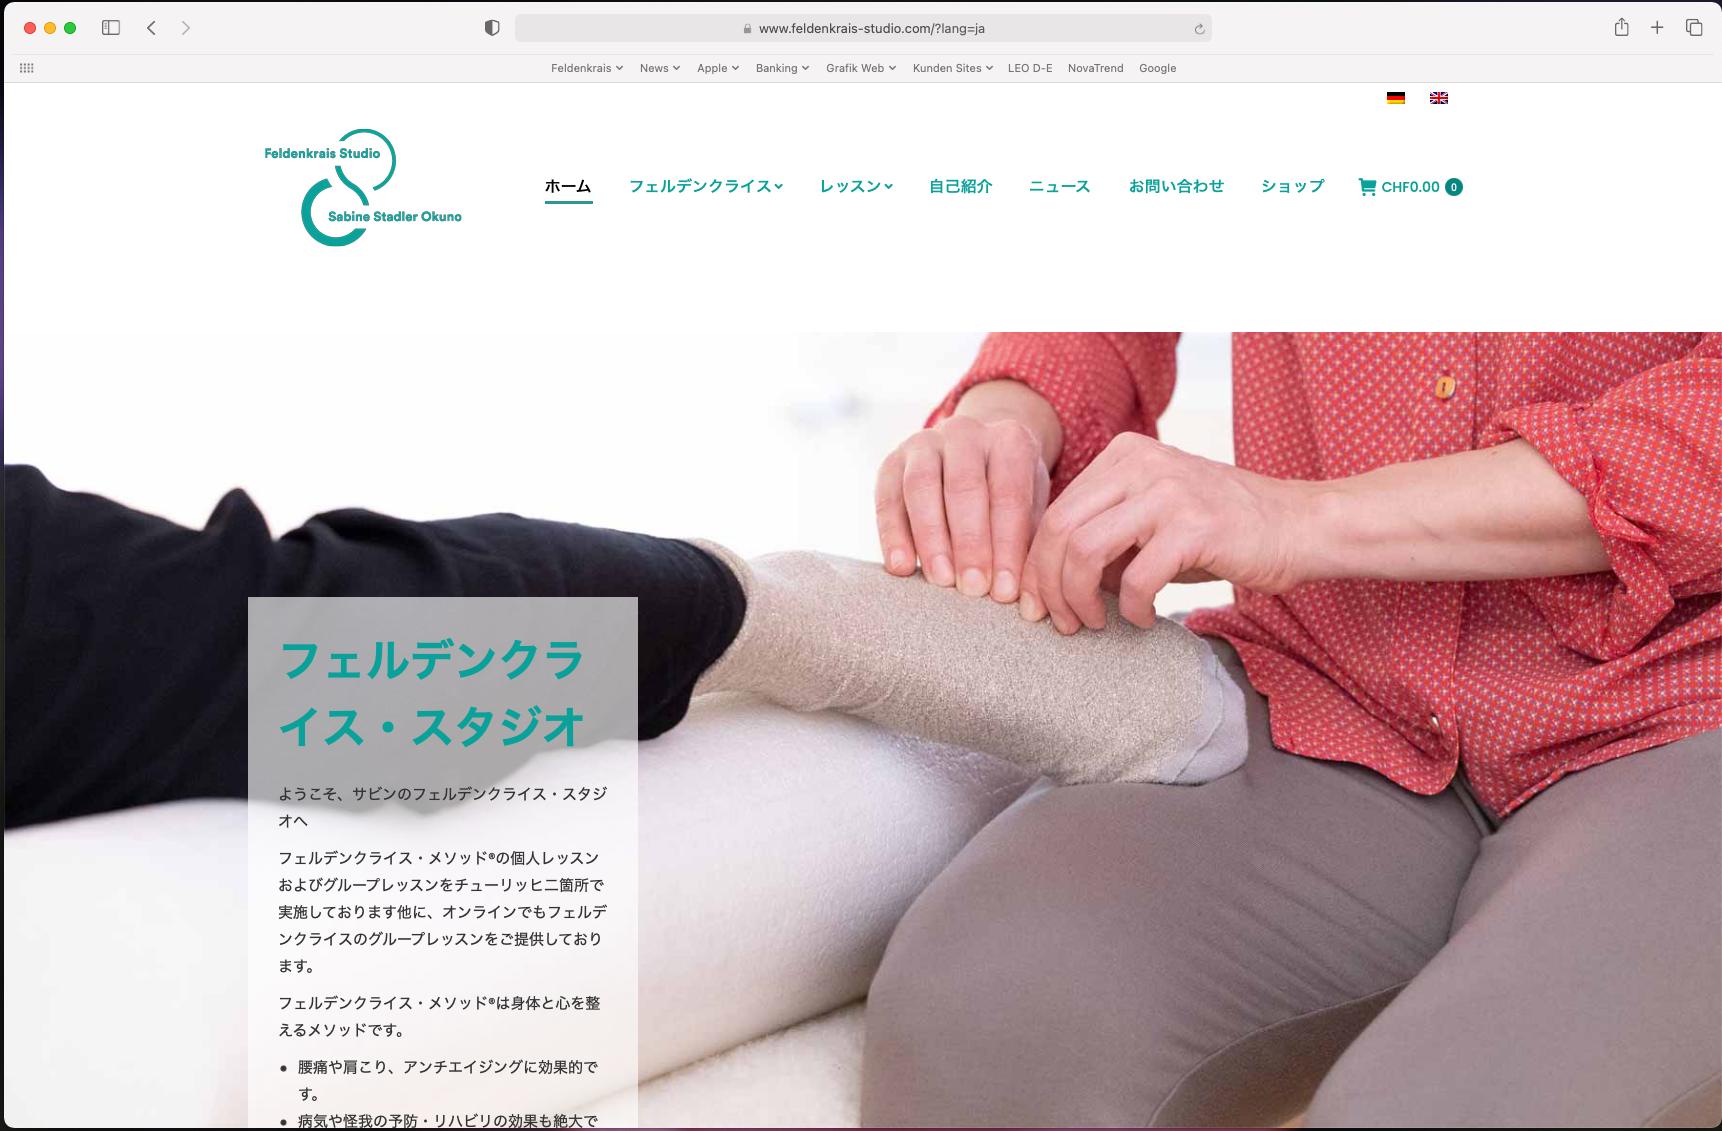 Dreisprachige Website, Deutsch, Englisch, Japanisch,  Feldenkrais Studio Sabine Stadler Zürich